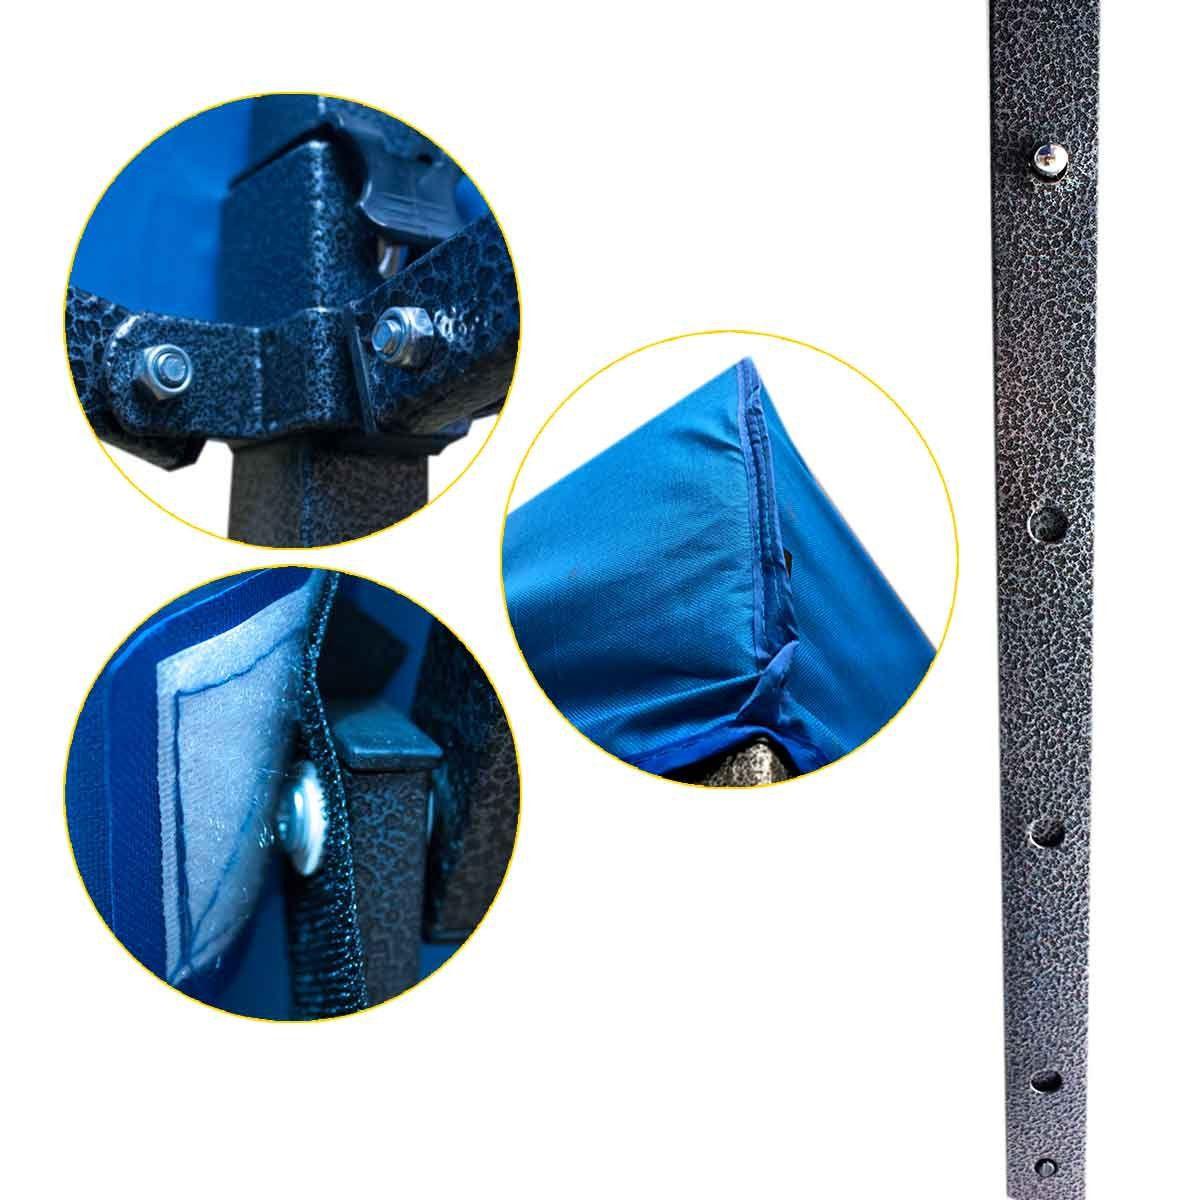 Tenda Gazebo 3x3 Poliéster Articulada Dobrável Camping Praia